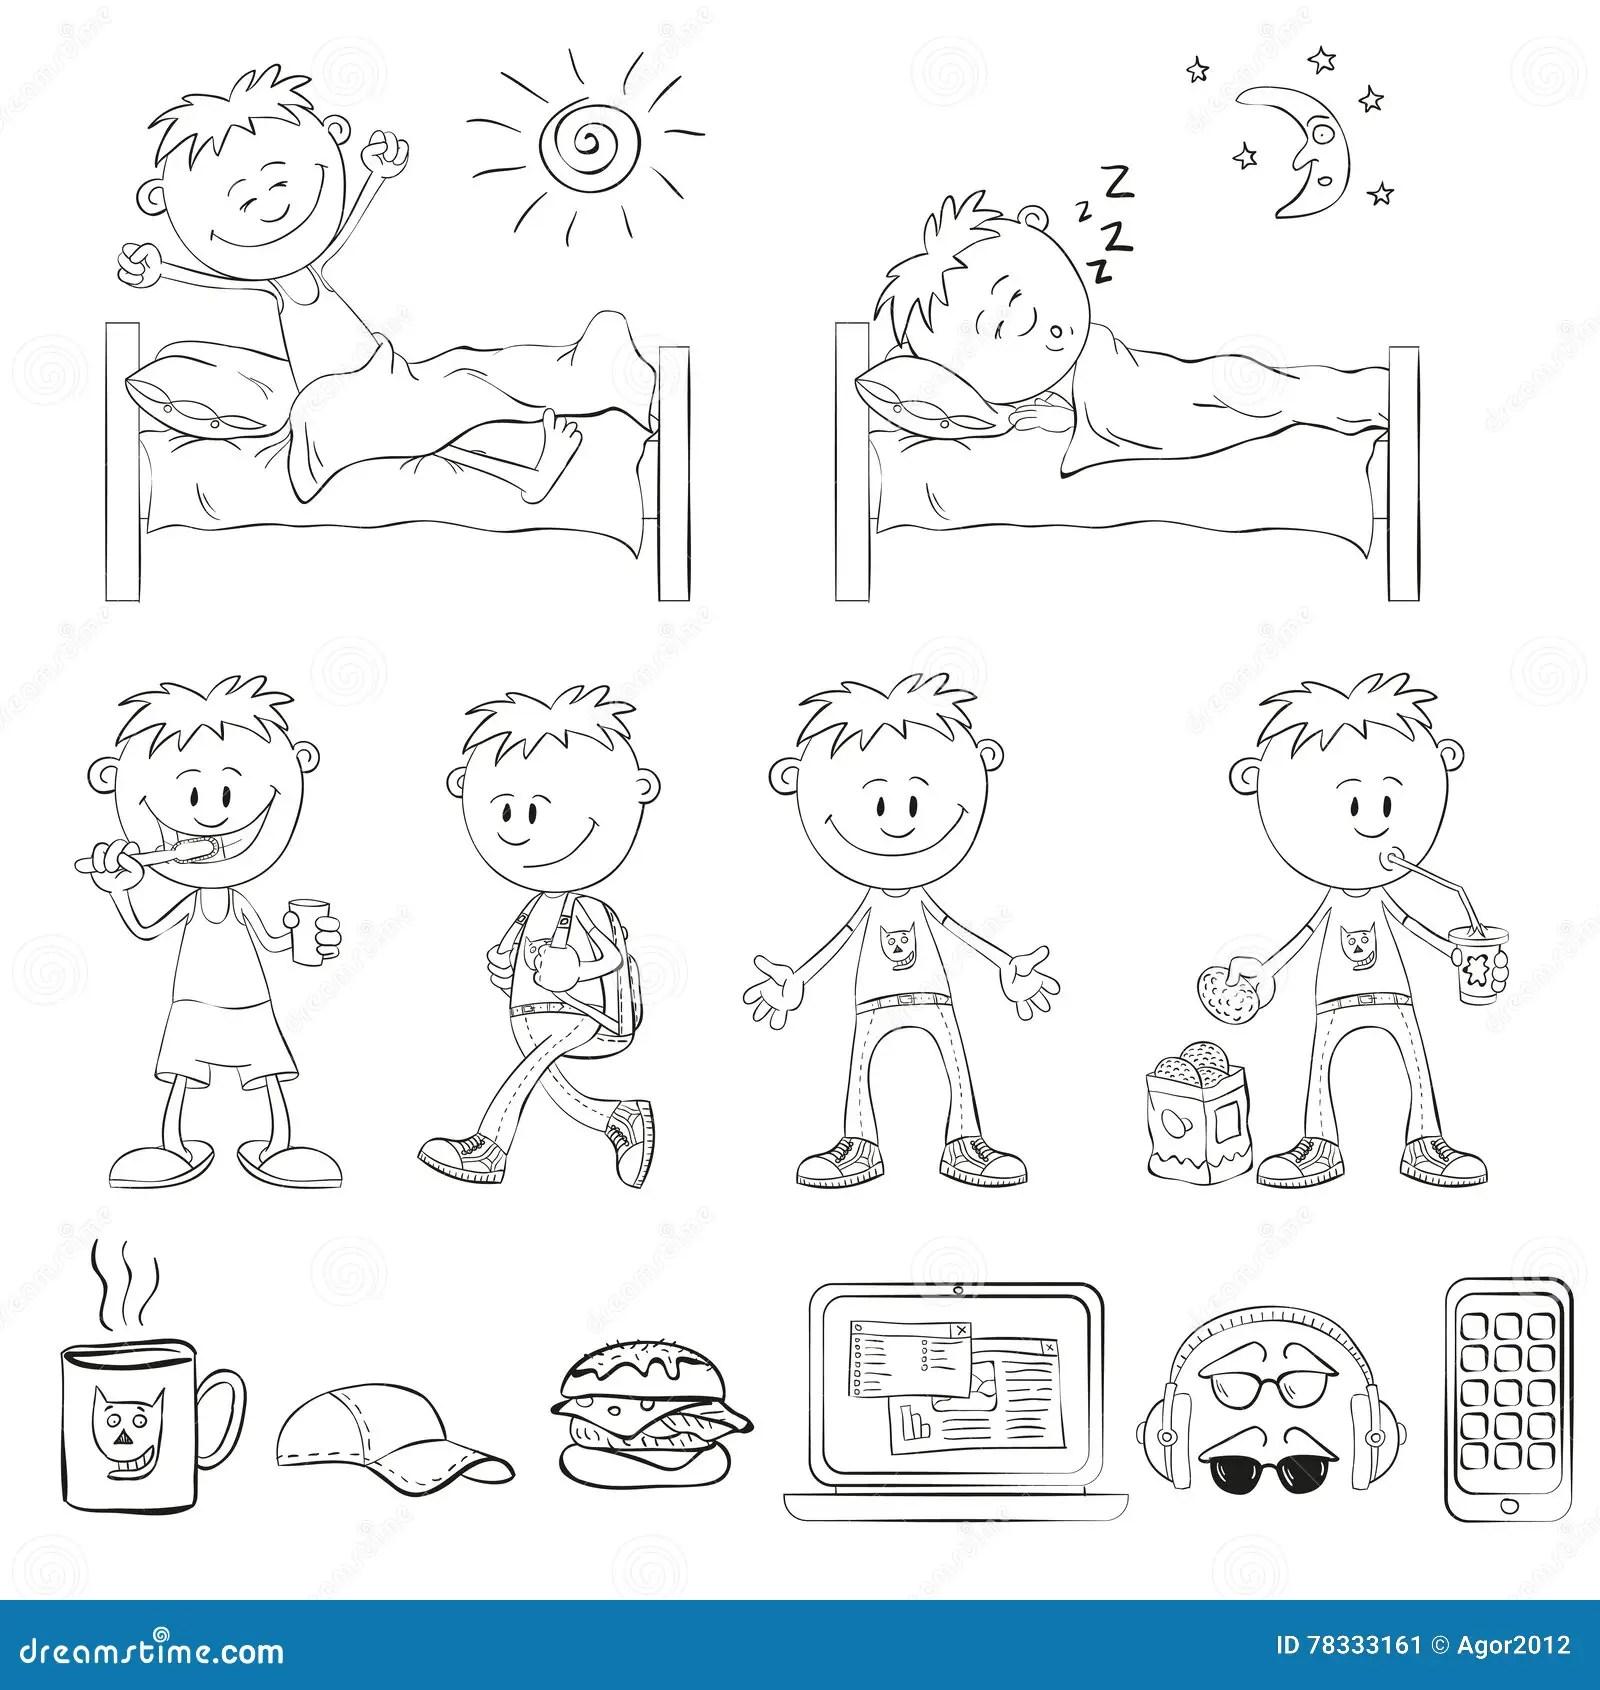 Boy Is Sleeping In His Bed Cartoon Vector